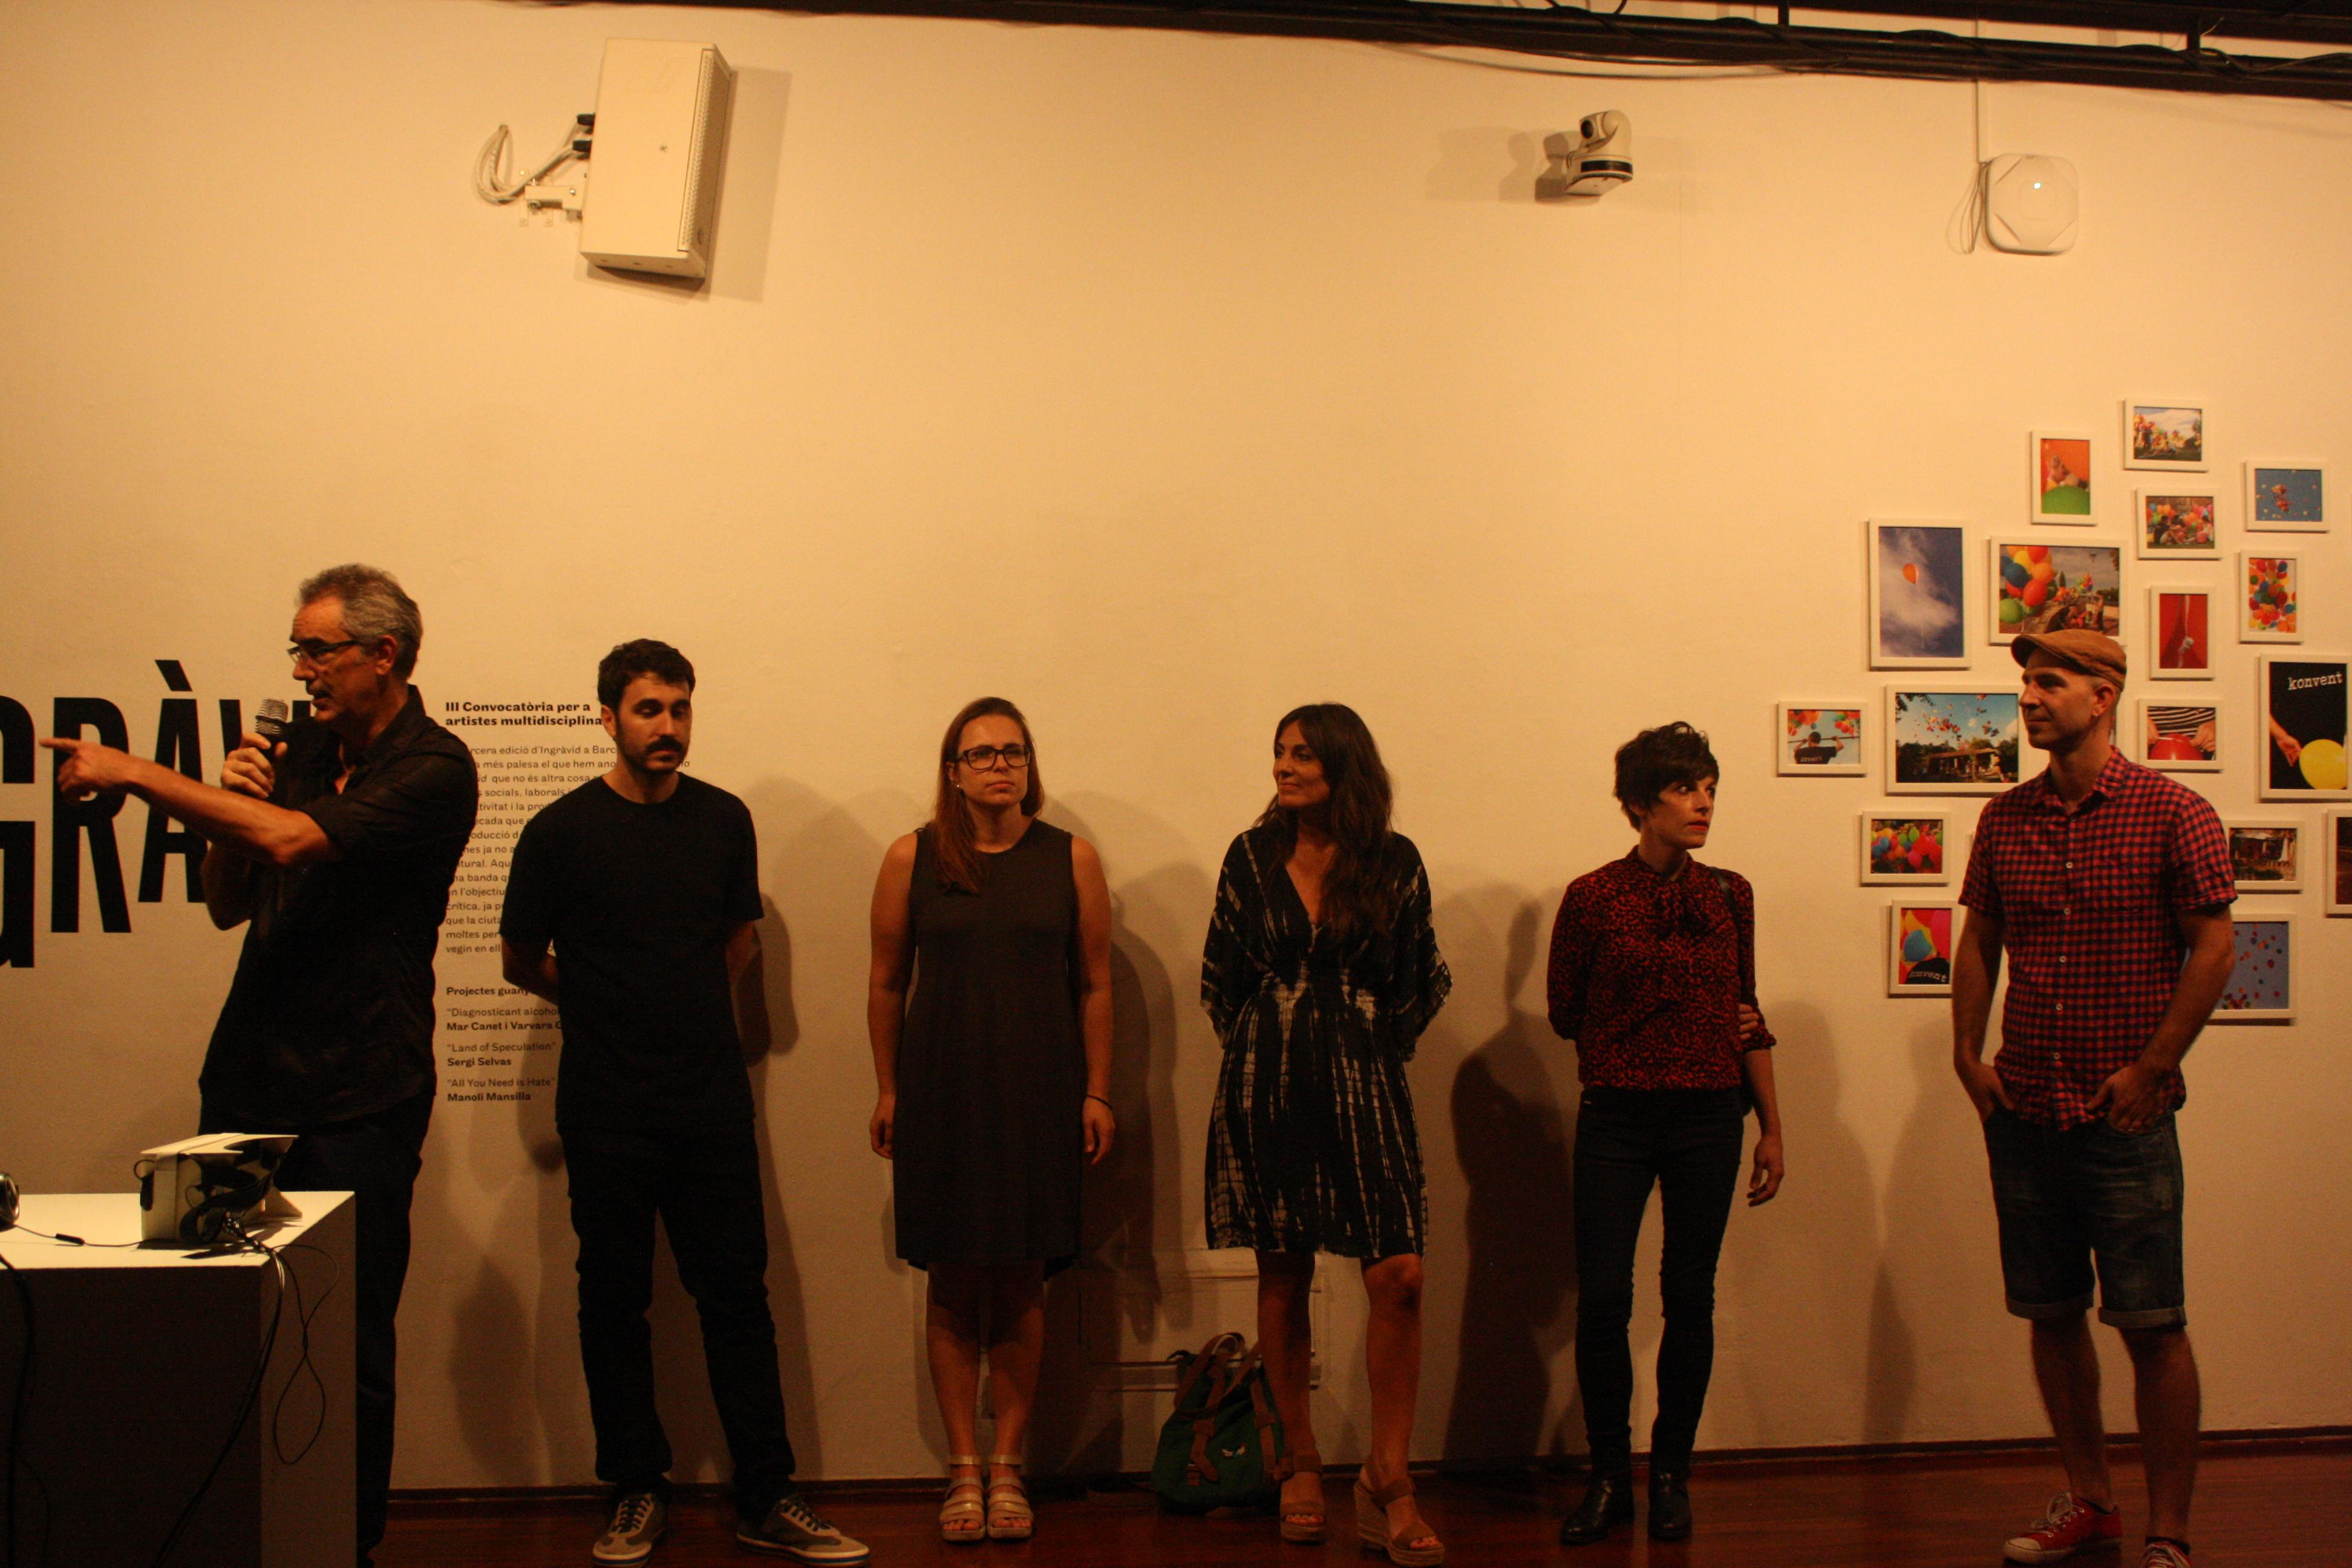 Els guanyadors de l'Ingràvid. Fotografia de Júlia Bacardit